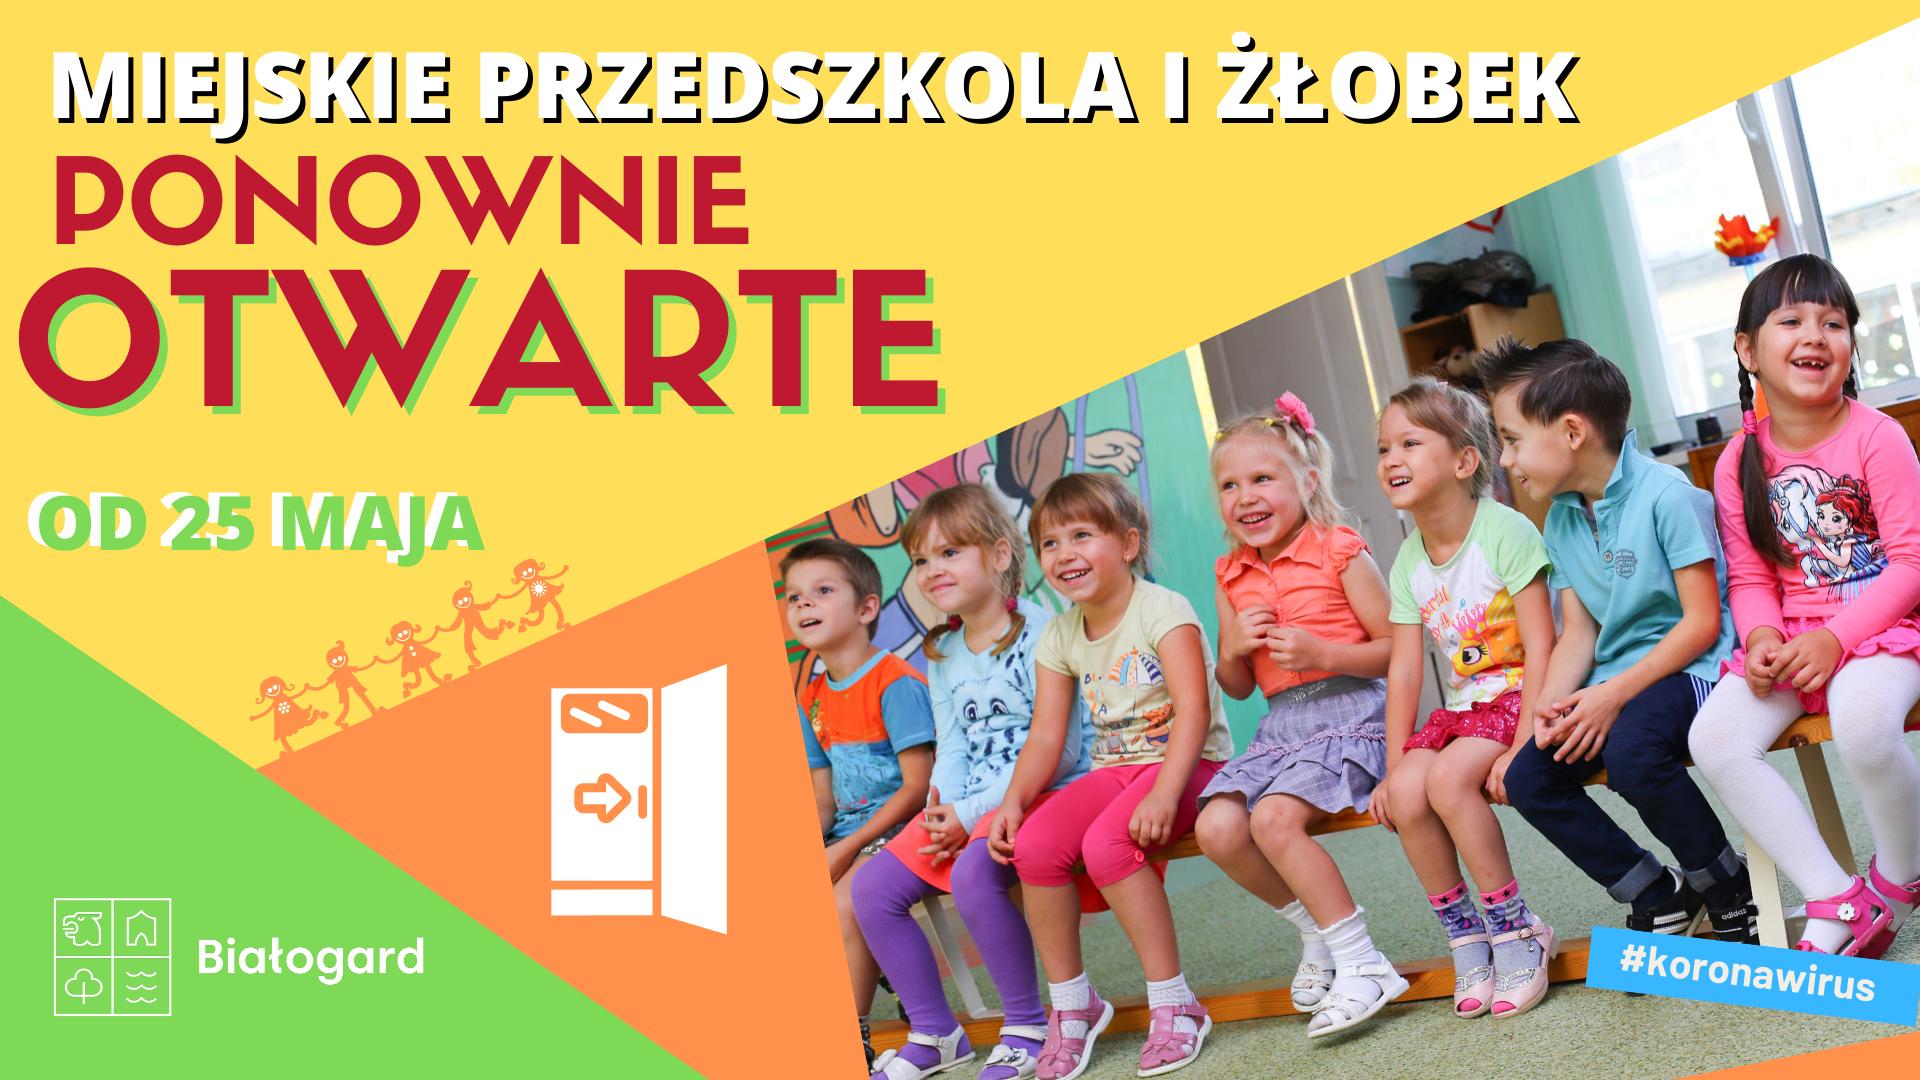 PRZEDSZKOLA I ŻŁOBEK OTWARTE!, Miasto Białogard